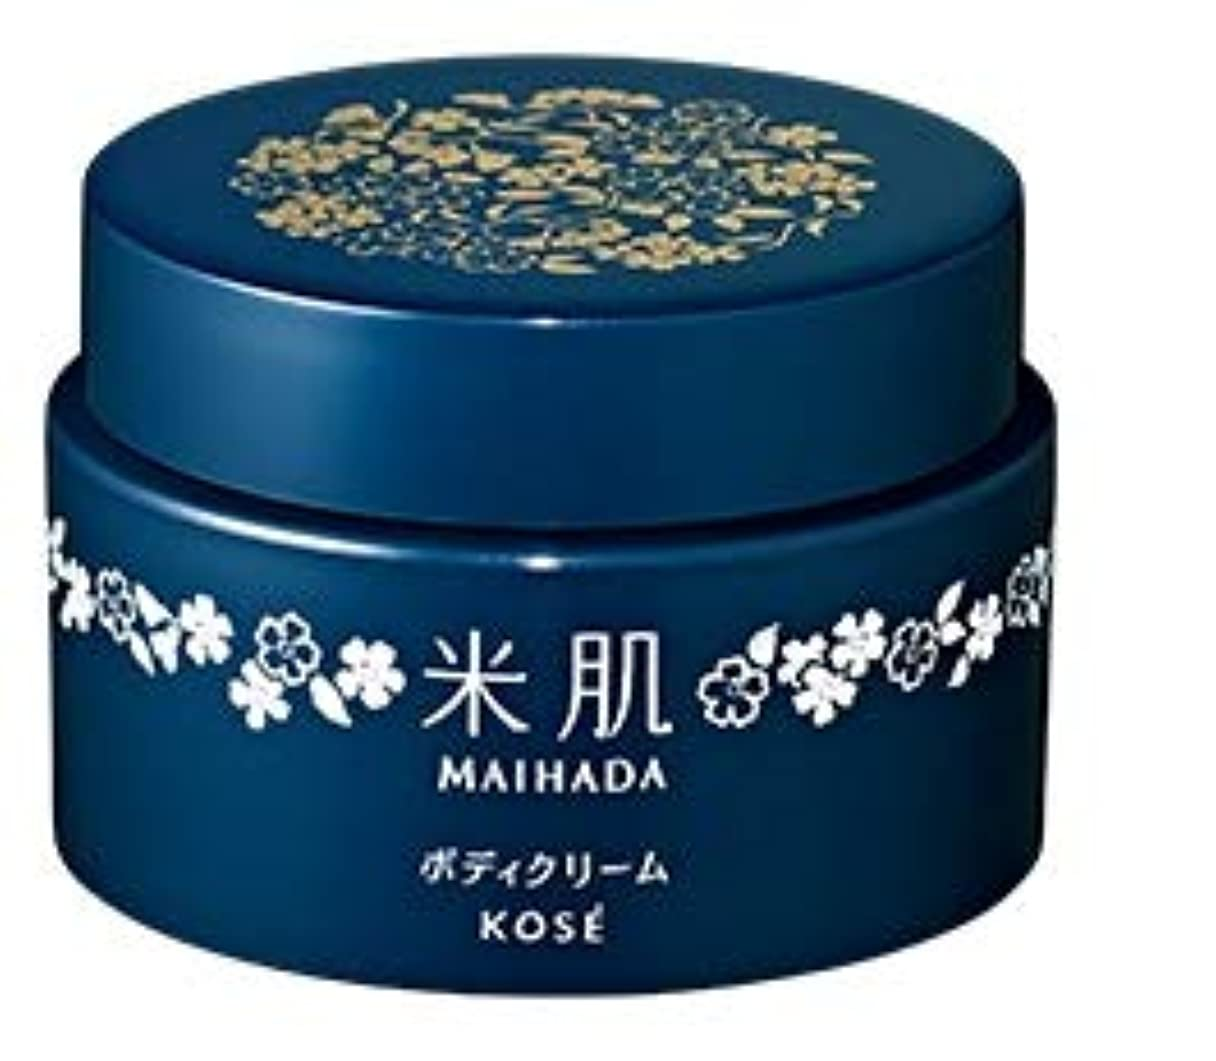 メロディーバルコニーバンケット米肌(MAIHADA) 肌潤ボディクリーム コーセー KOSE